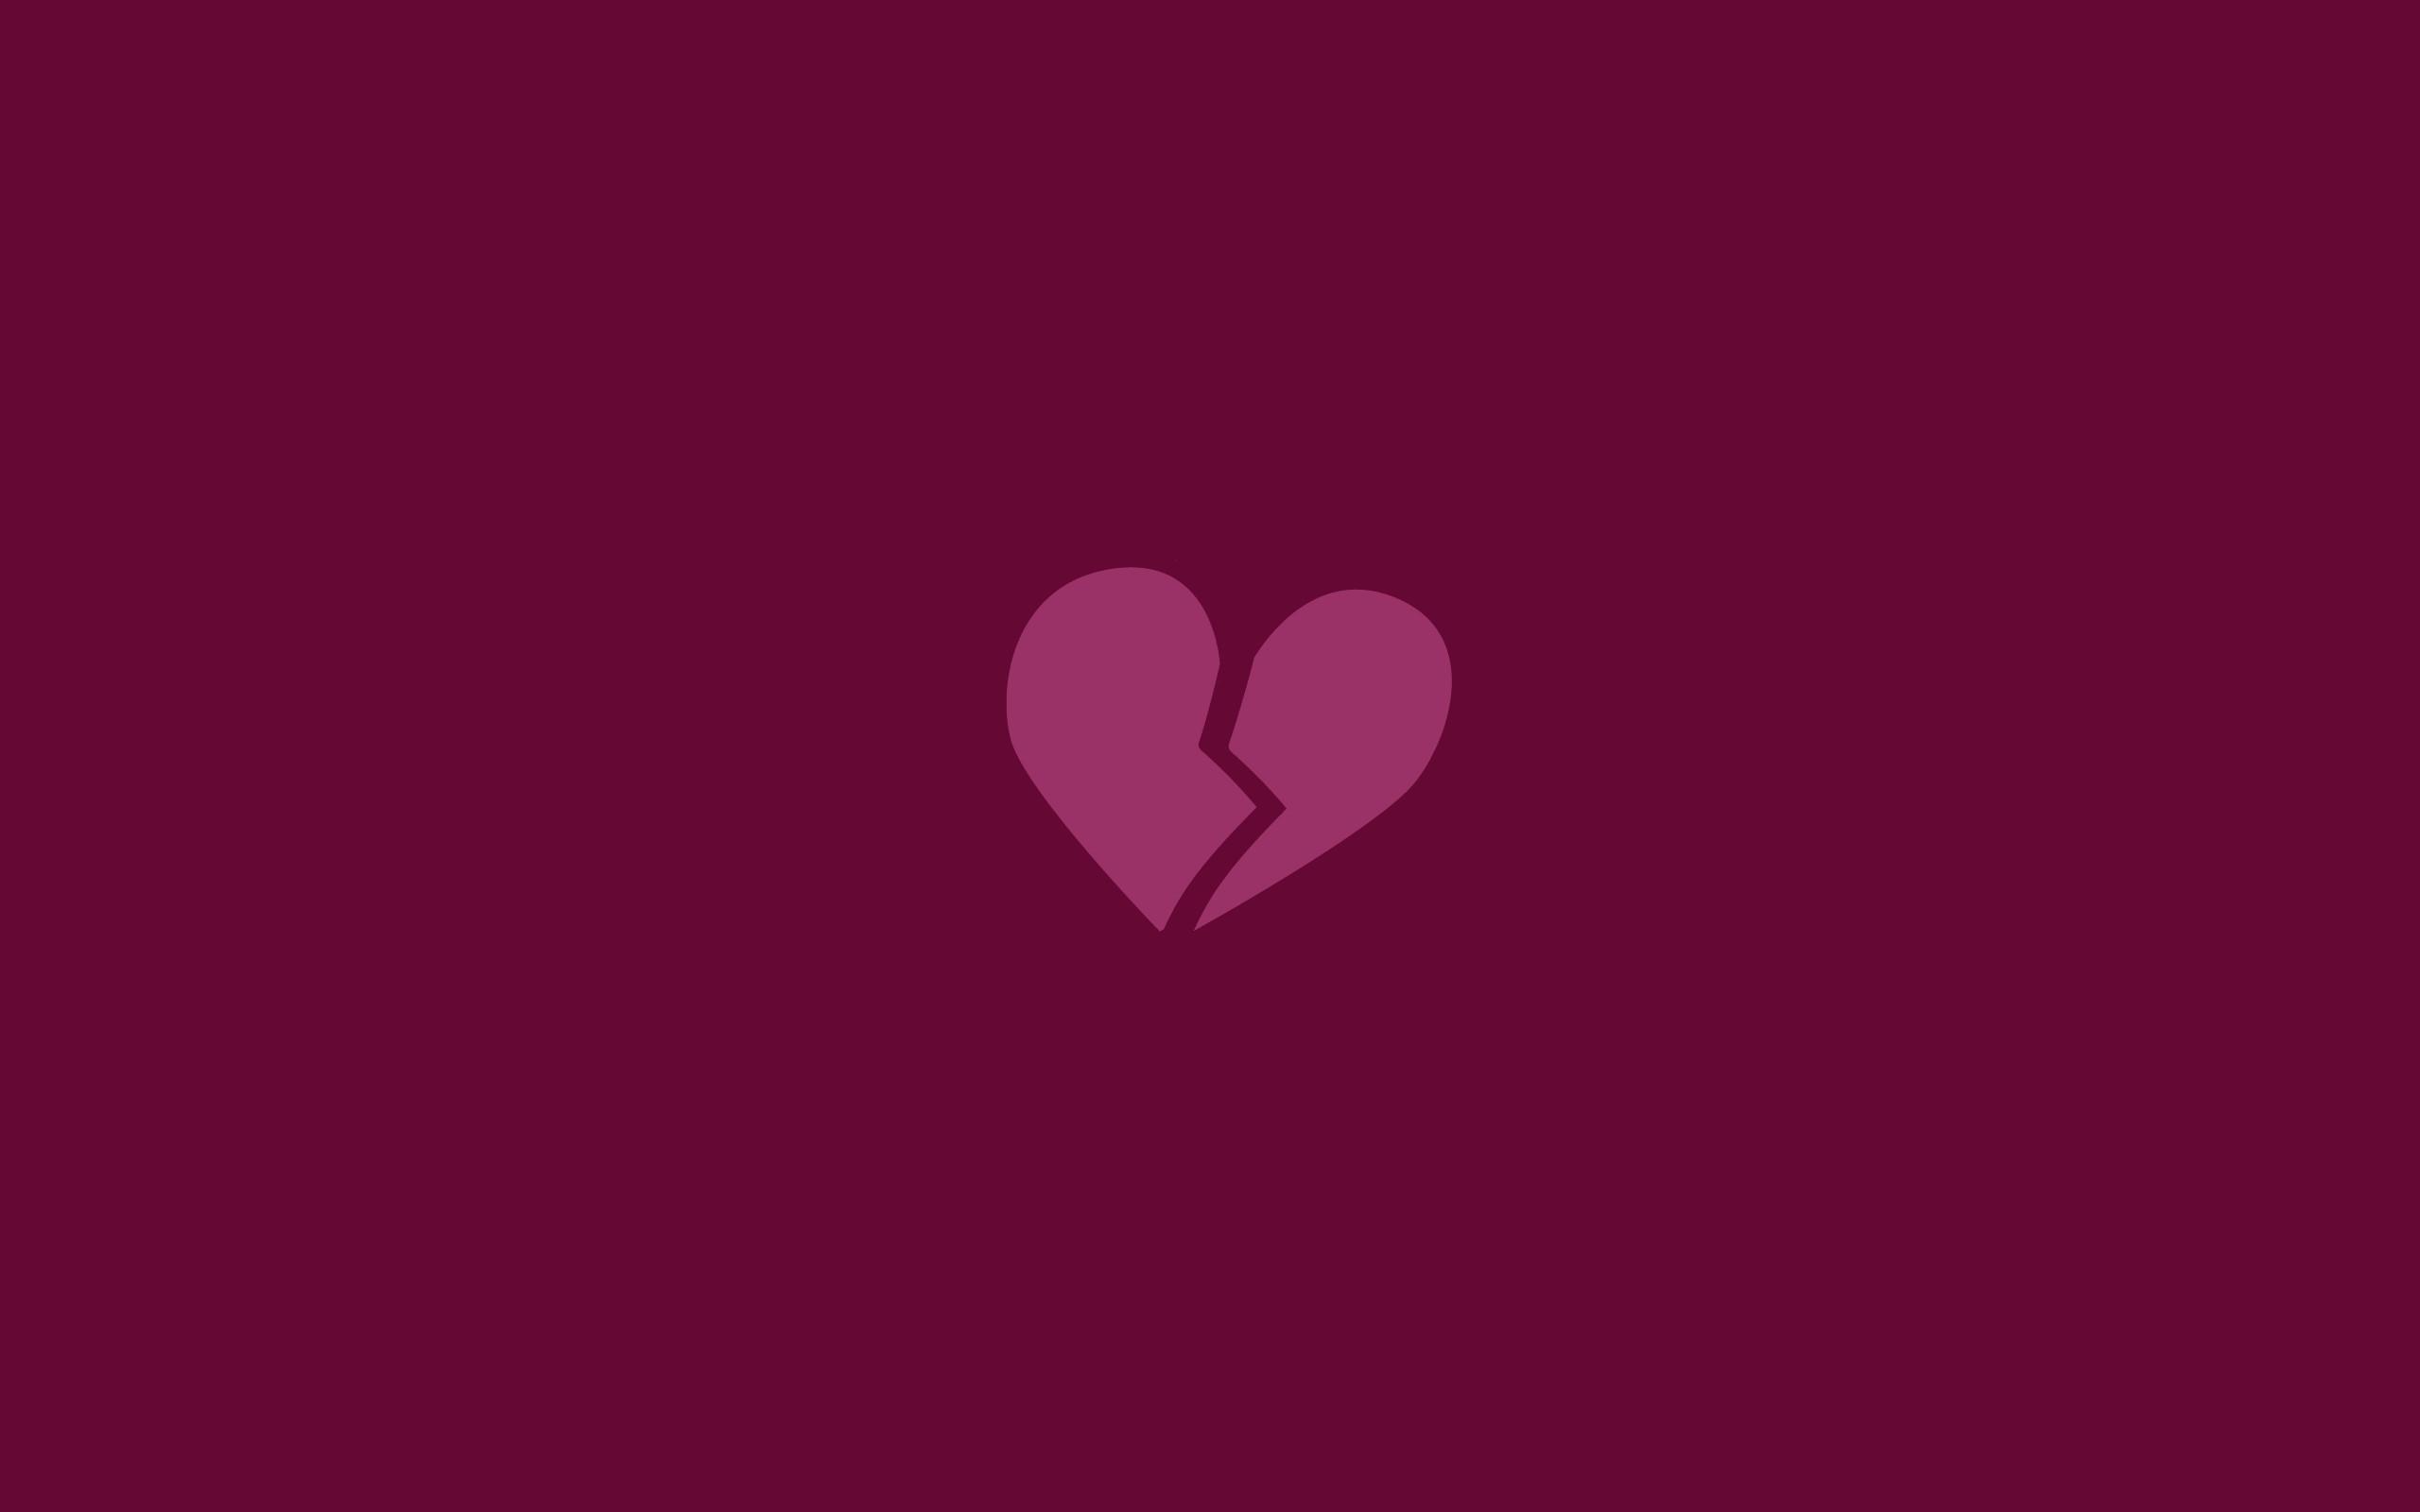 Res: 2560x1600, Minimalistic Broken Heart wallpapers Minimalistic Broken Heart stock